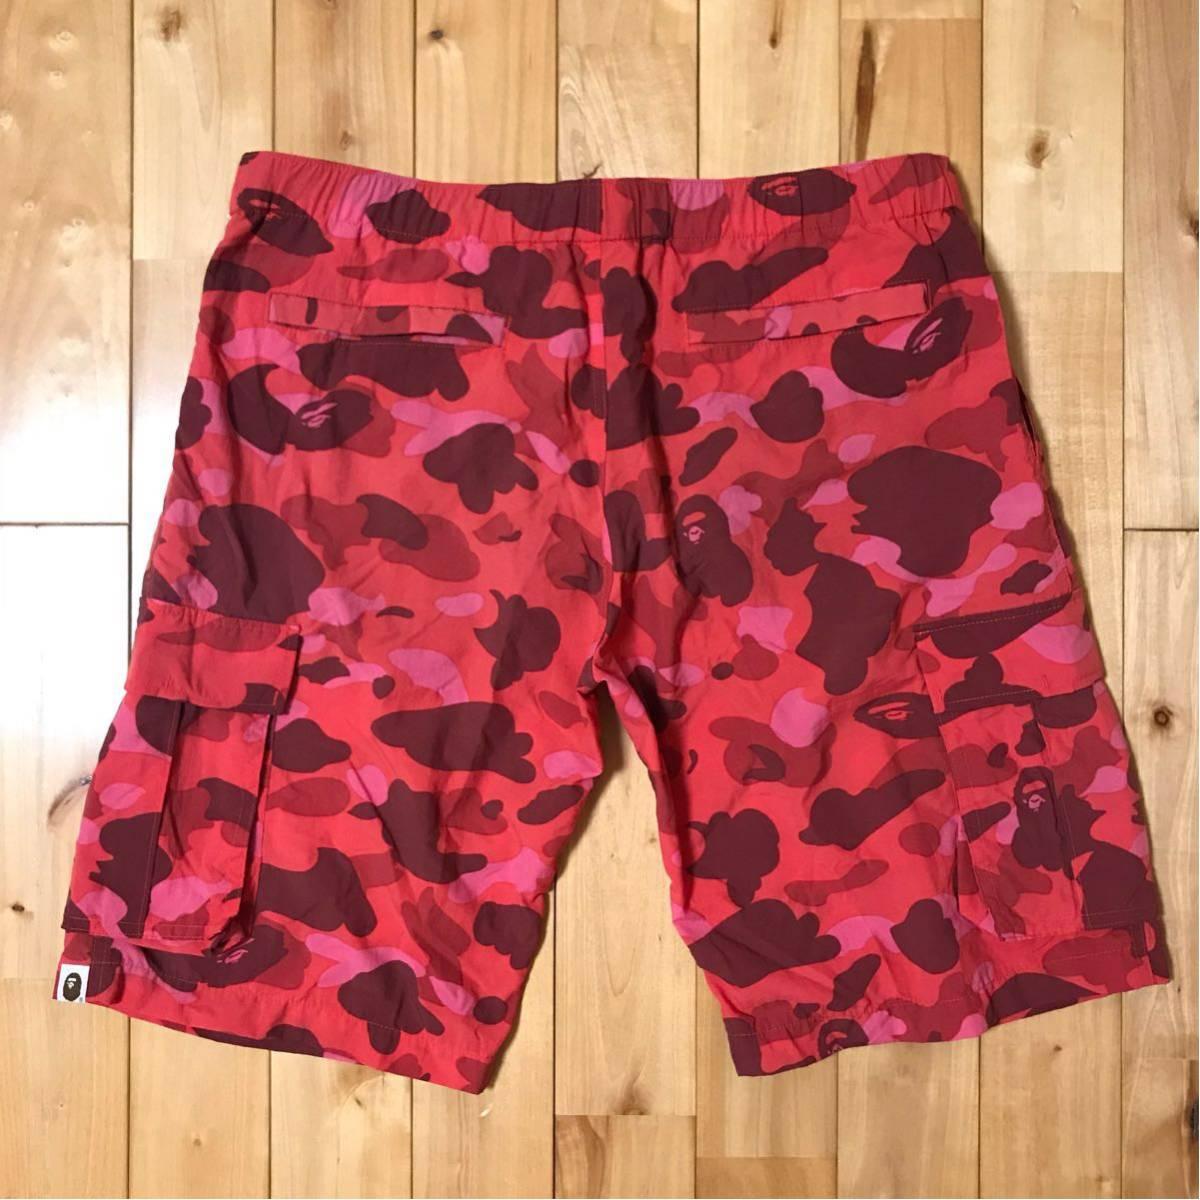 ★激レア★ 初期 pharrell camo swim shorts Mサイズ a bathing ape BAPE 水着 エイプ ベイプ アベイシングエイプ red camo ハーフパンツ